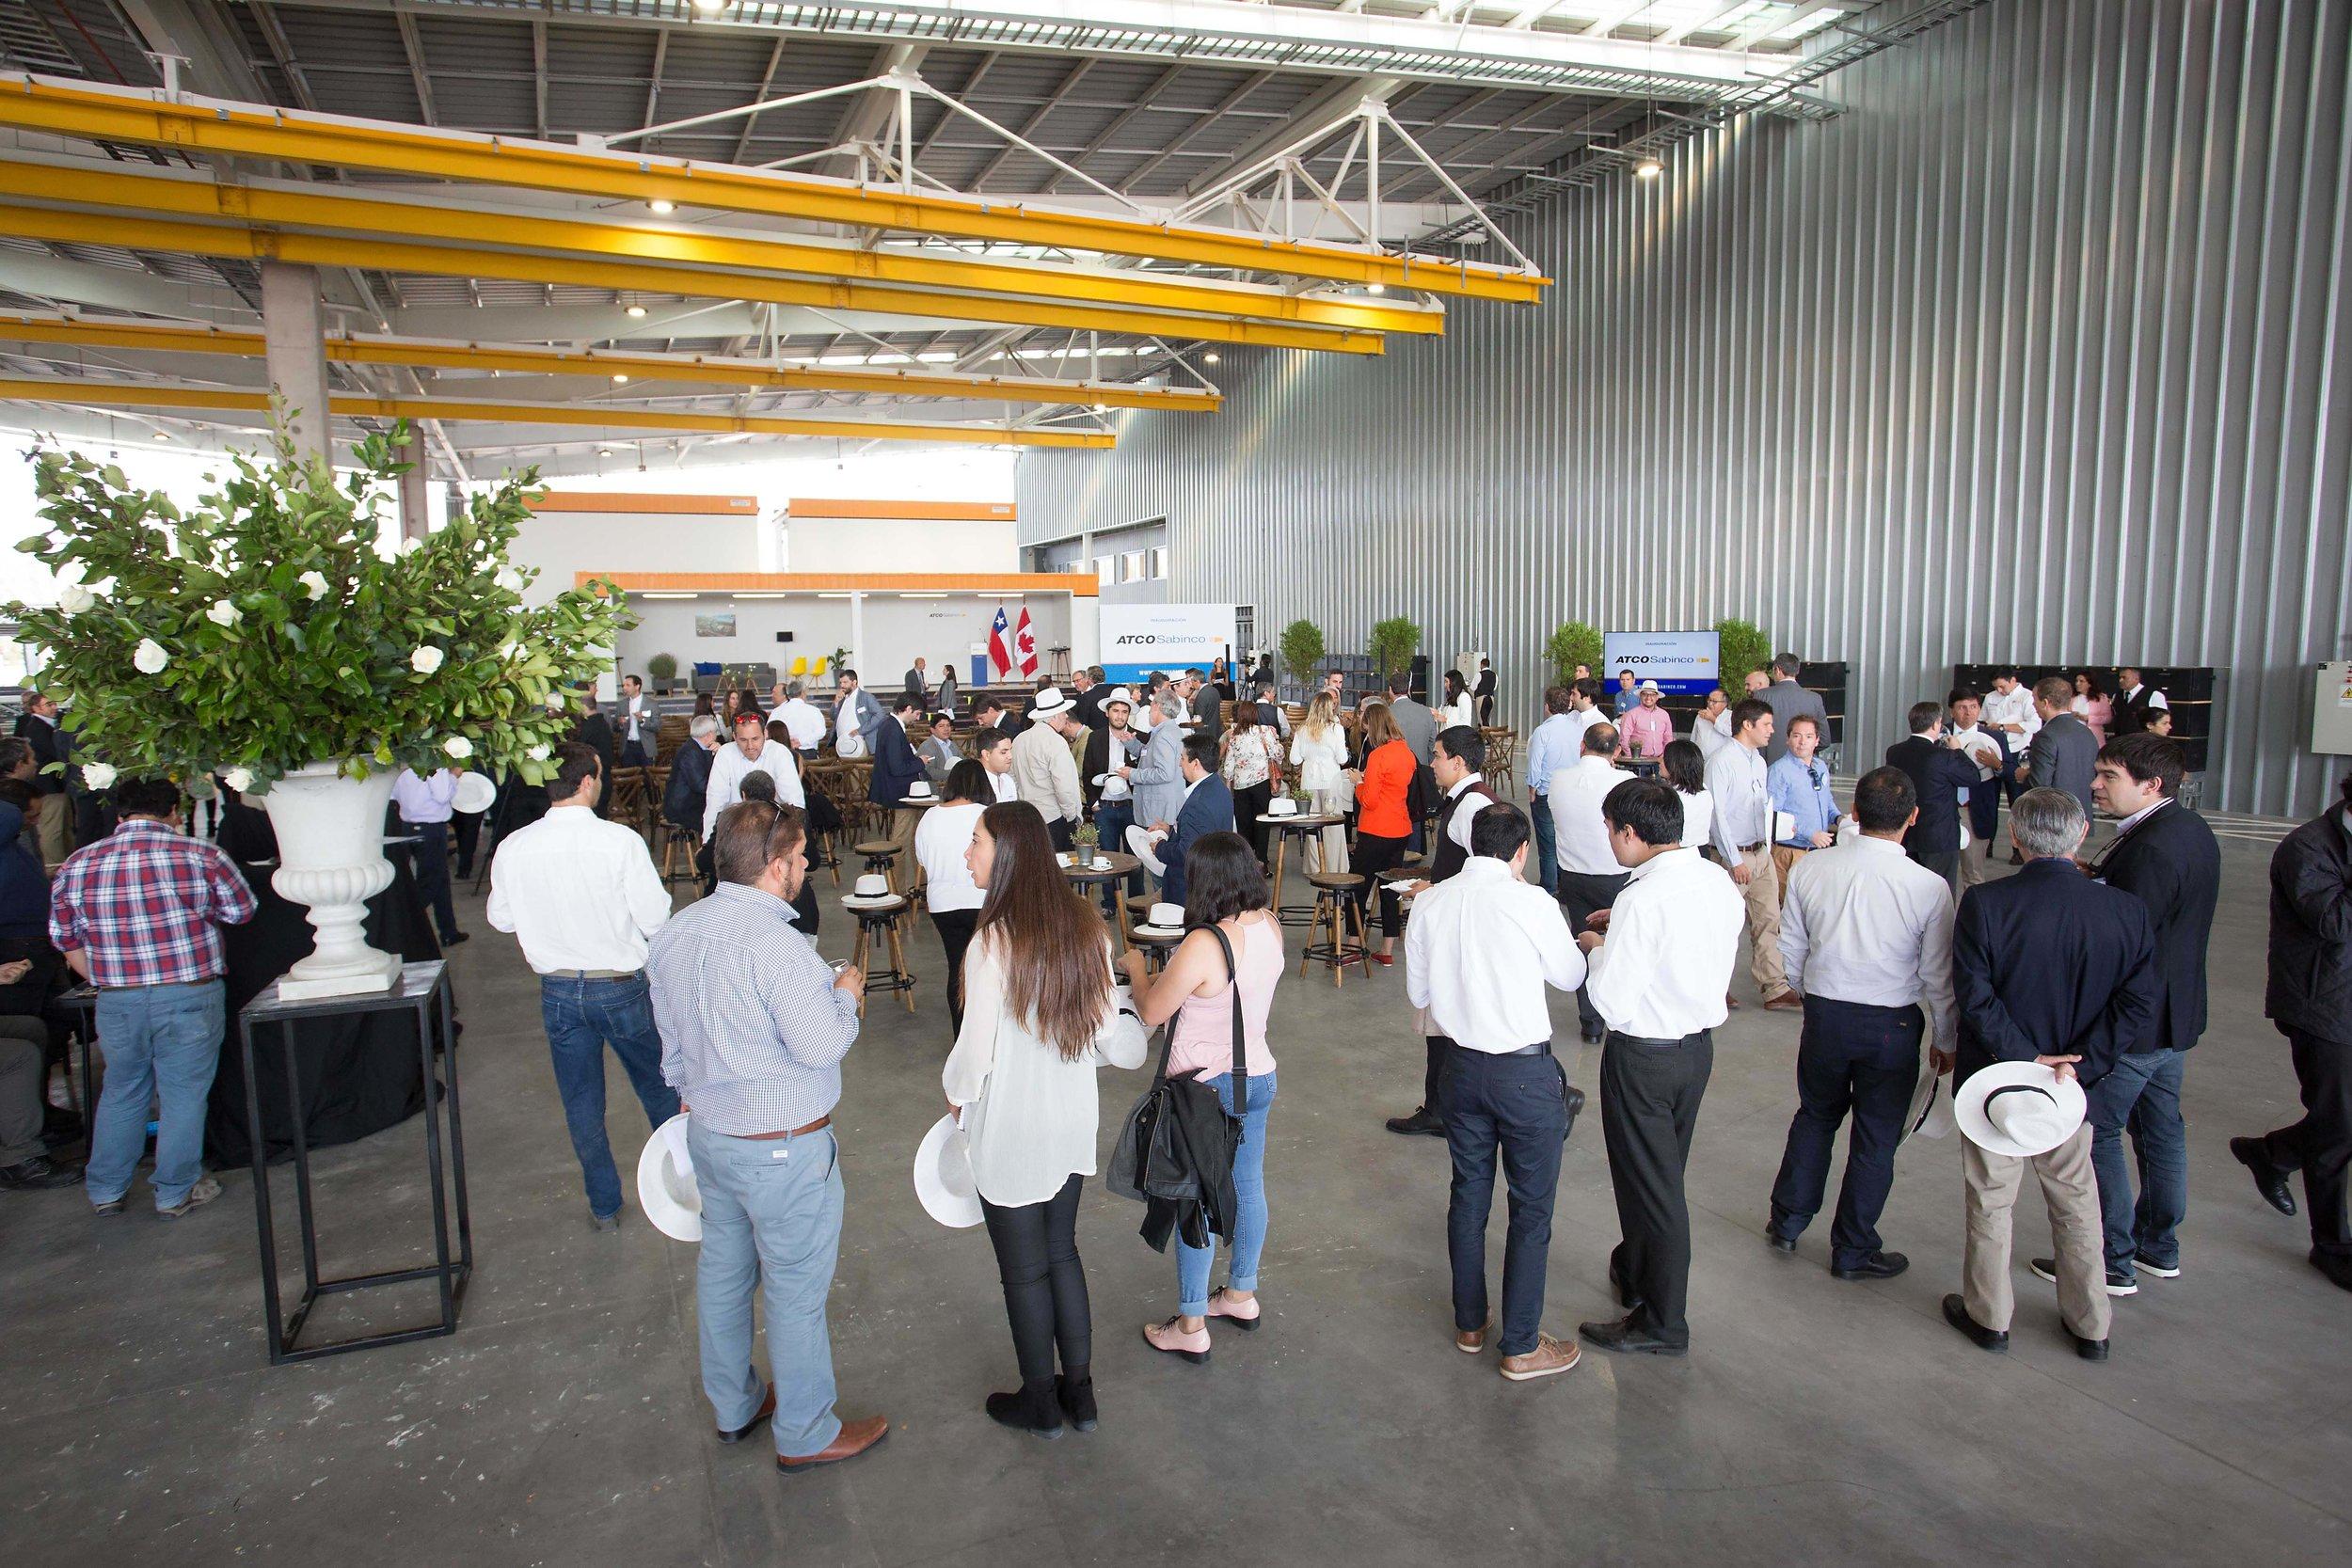 produccion-evento-inauguracion-planta-atco-sabinco-cproducciones-7